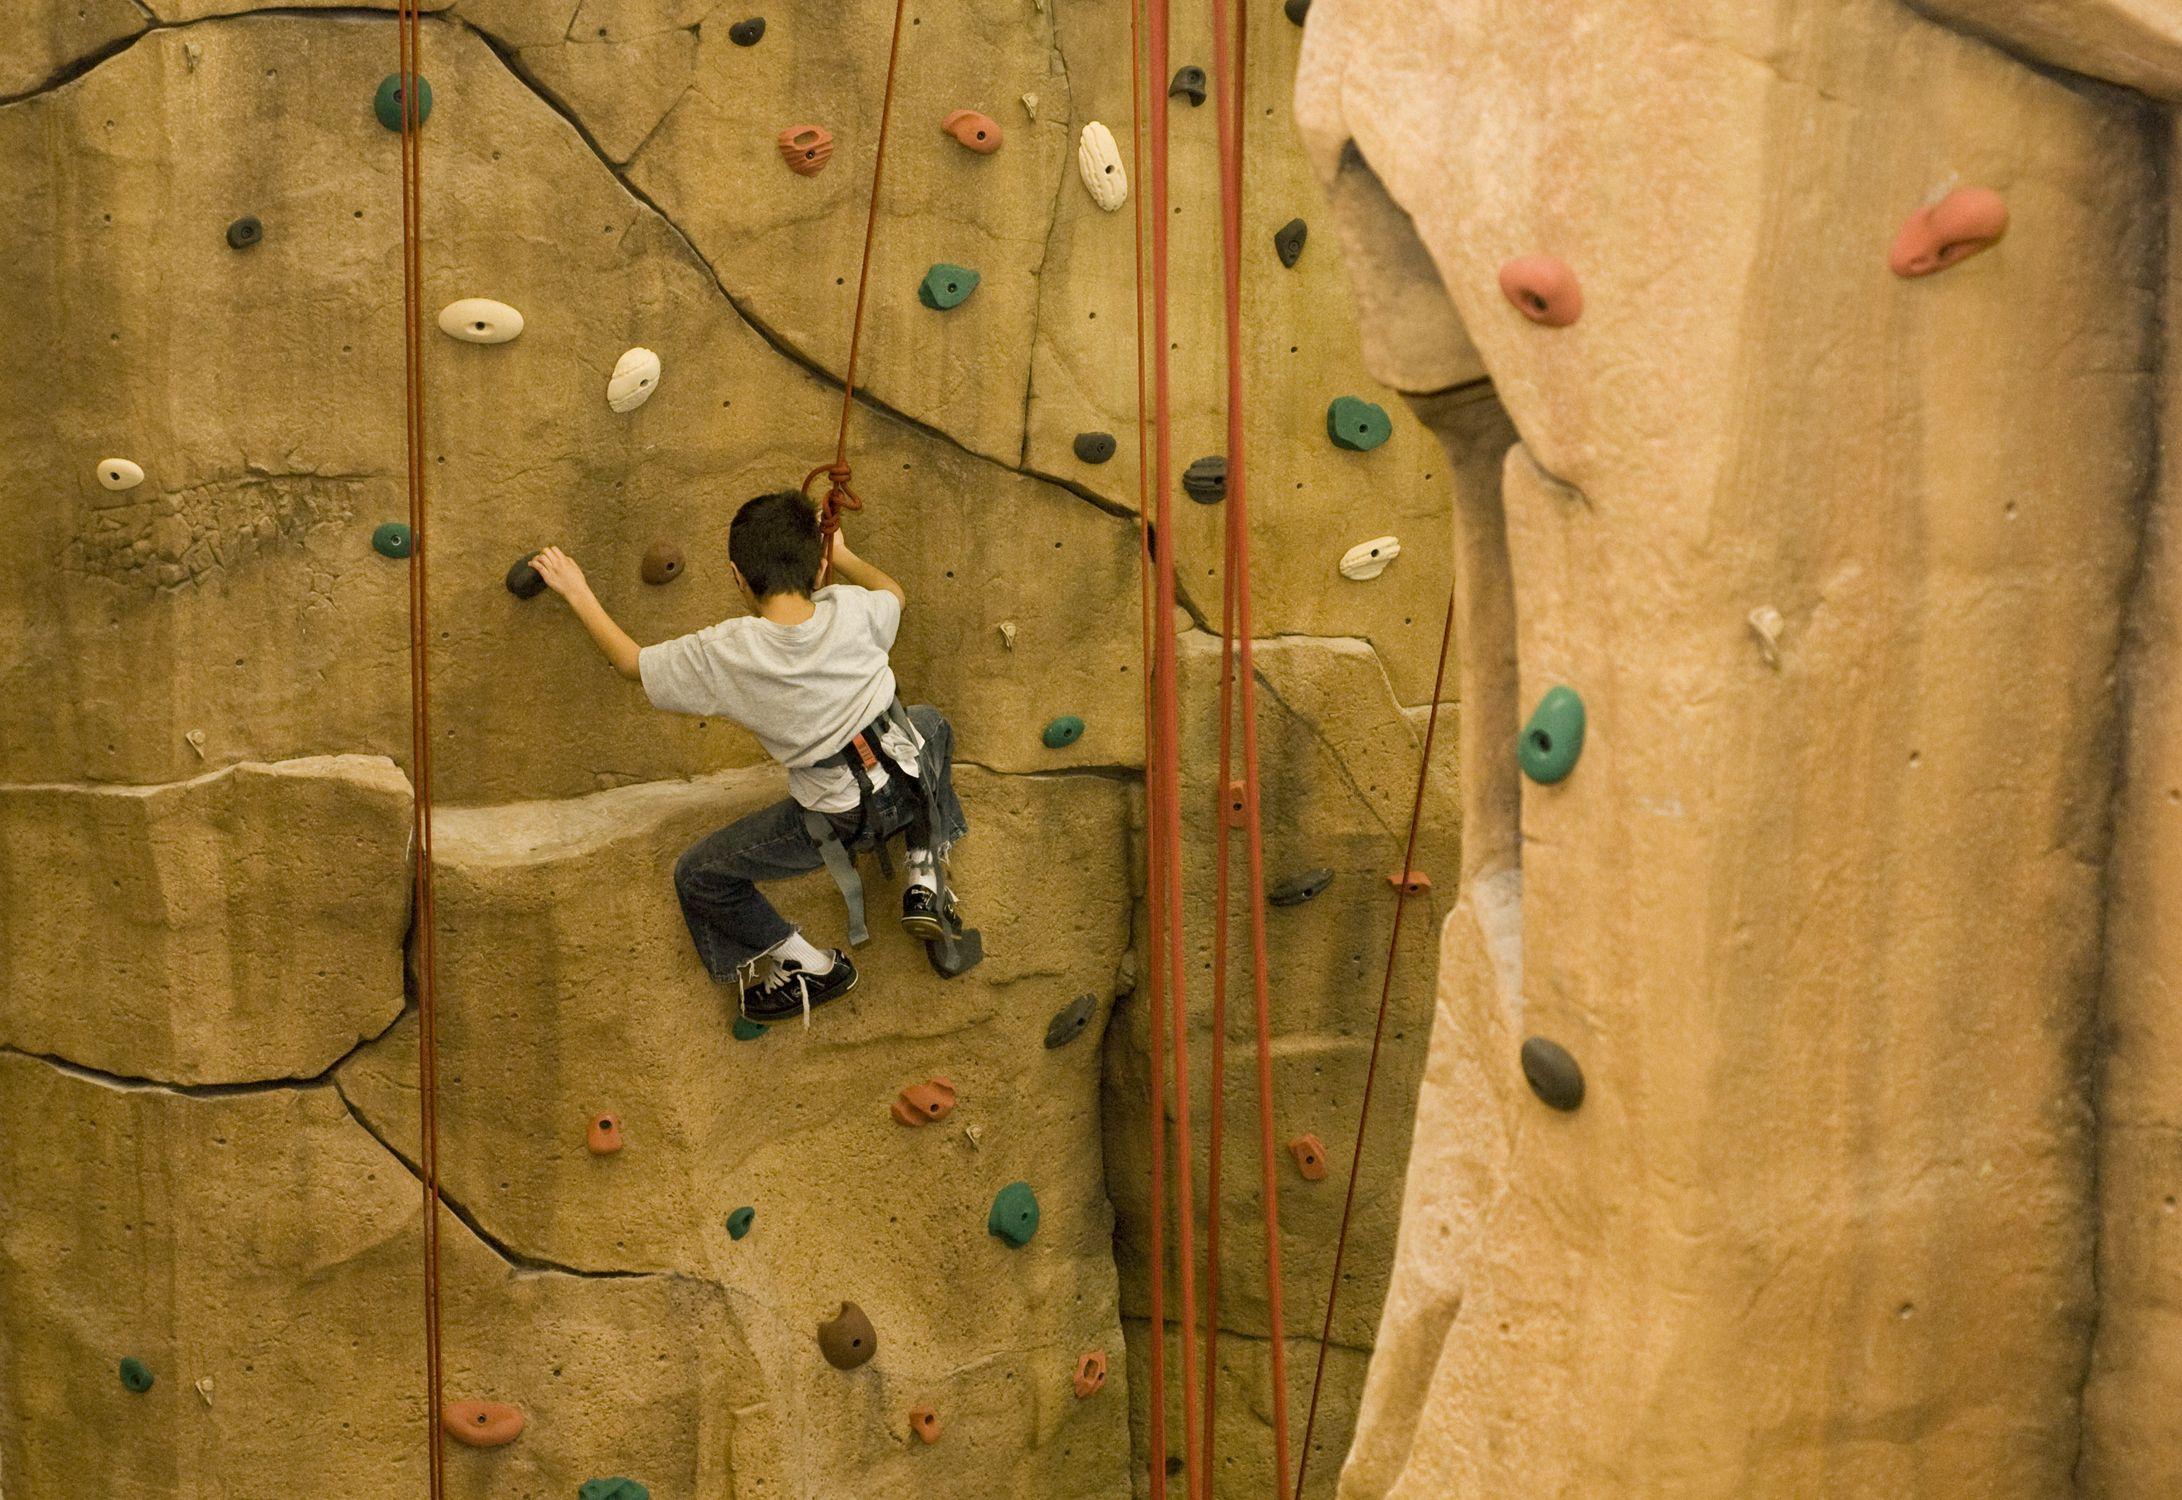 Climbing mount everest no just climbing ackerman sport